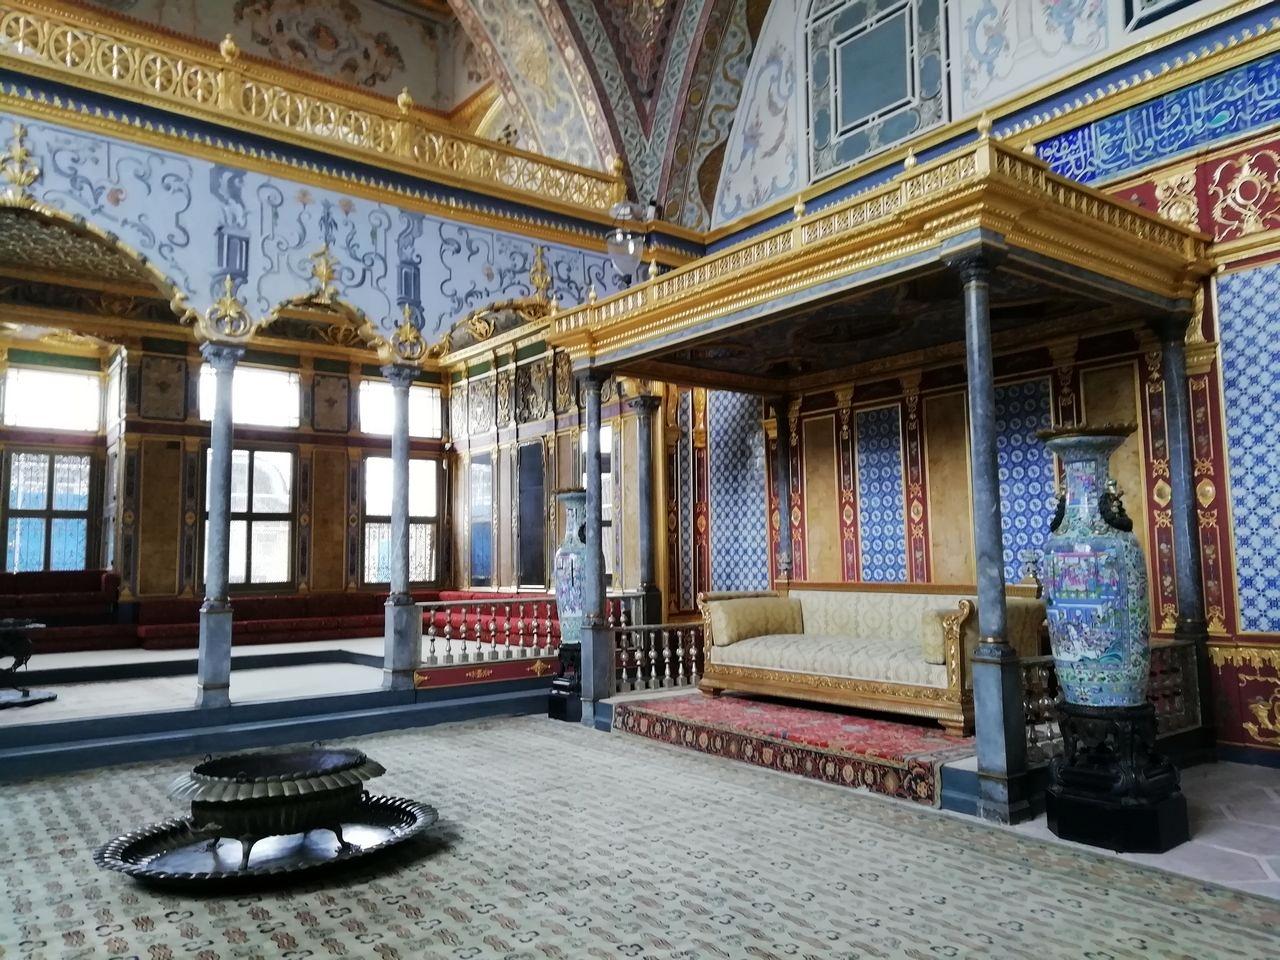 Merece mucho la pena visitar el interior del Palacio de Topkapi y el harén en Estambul.